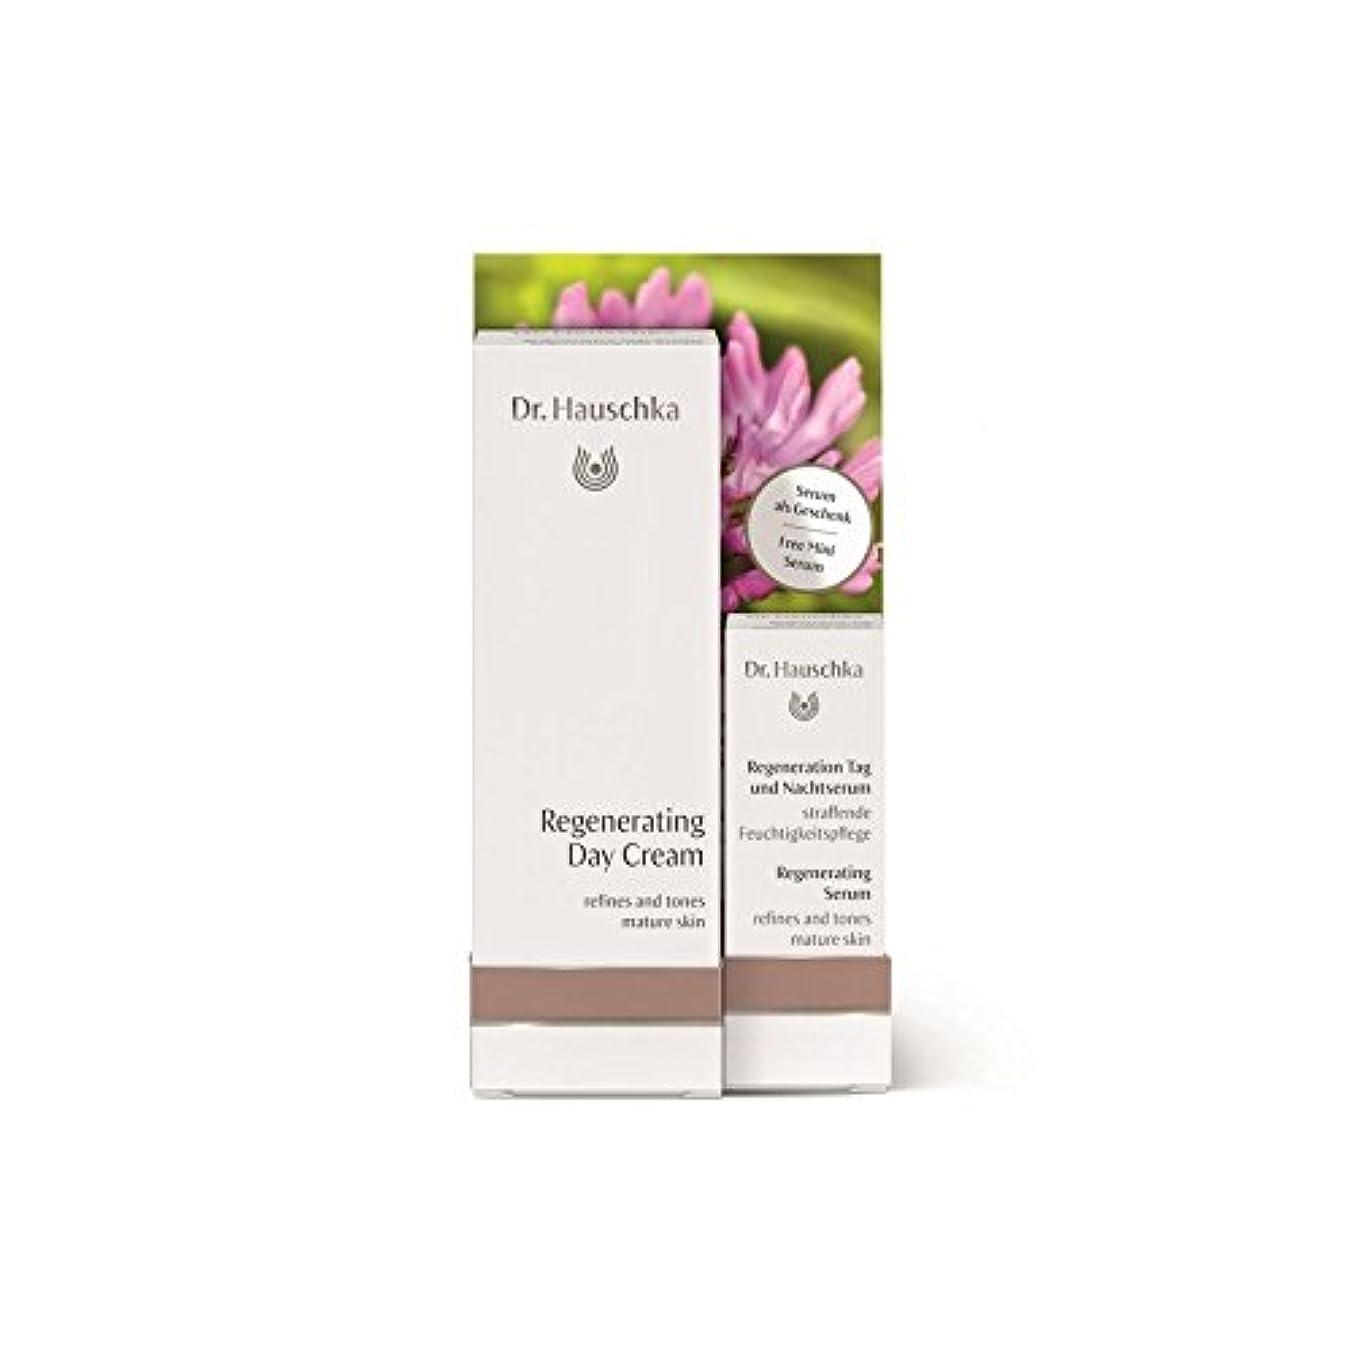 羊子音頬無料再生血清2.5ミリリットルとハウシュカ再生デイクリーム x2 - Dr. Hauschka Regenerating Day Cream with a free Regenerating Serum 2.5ml (Pack...